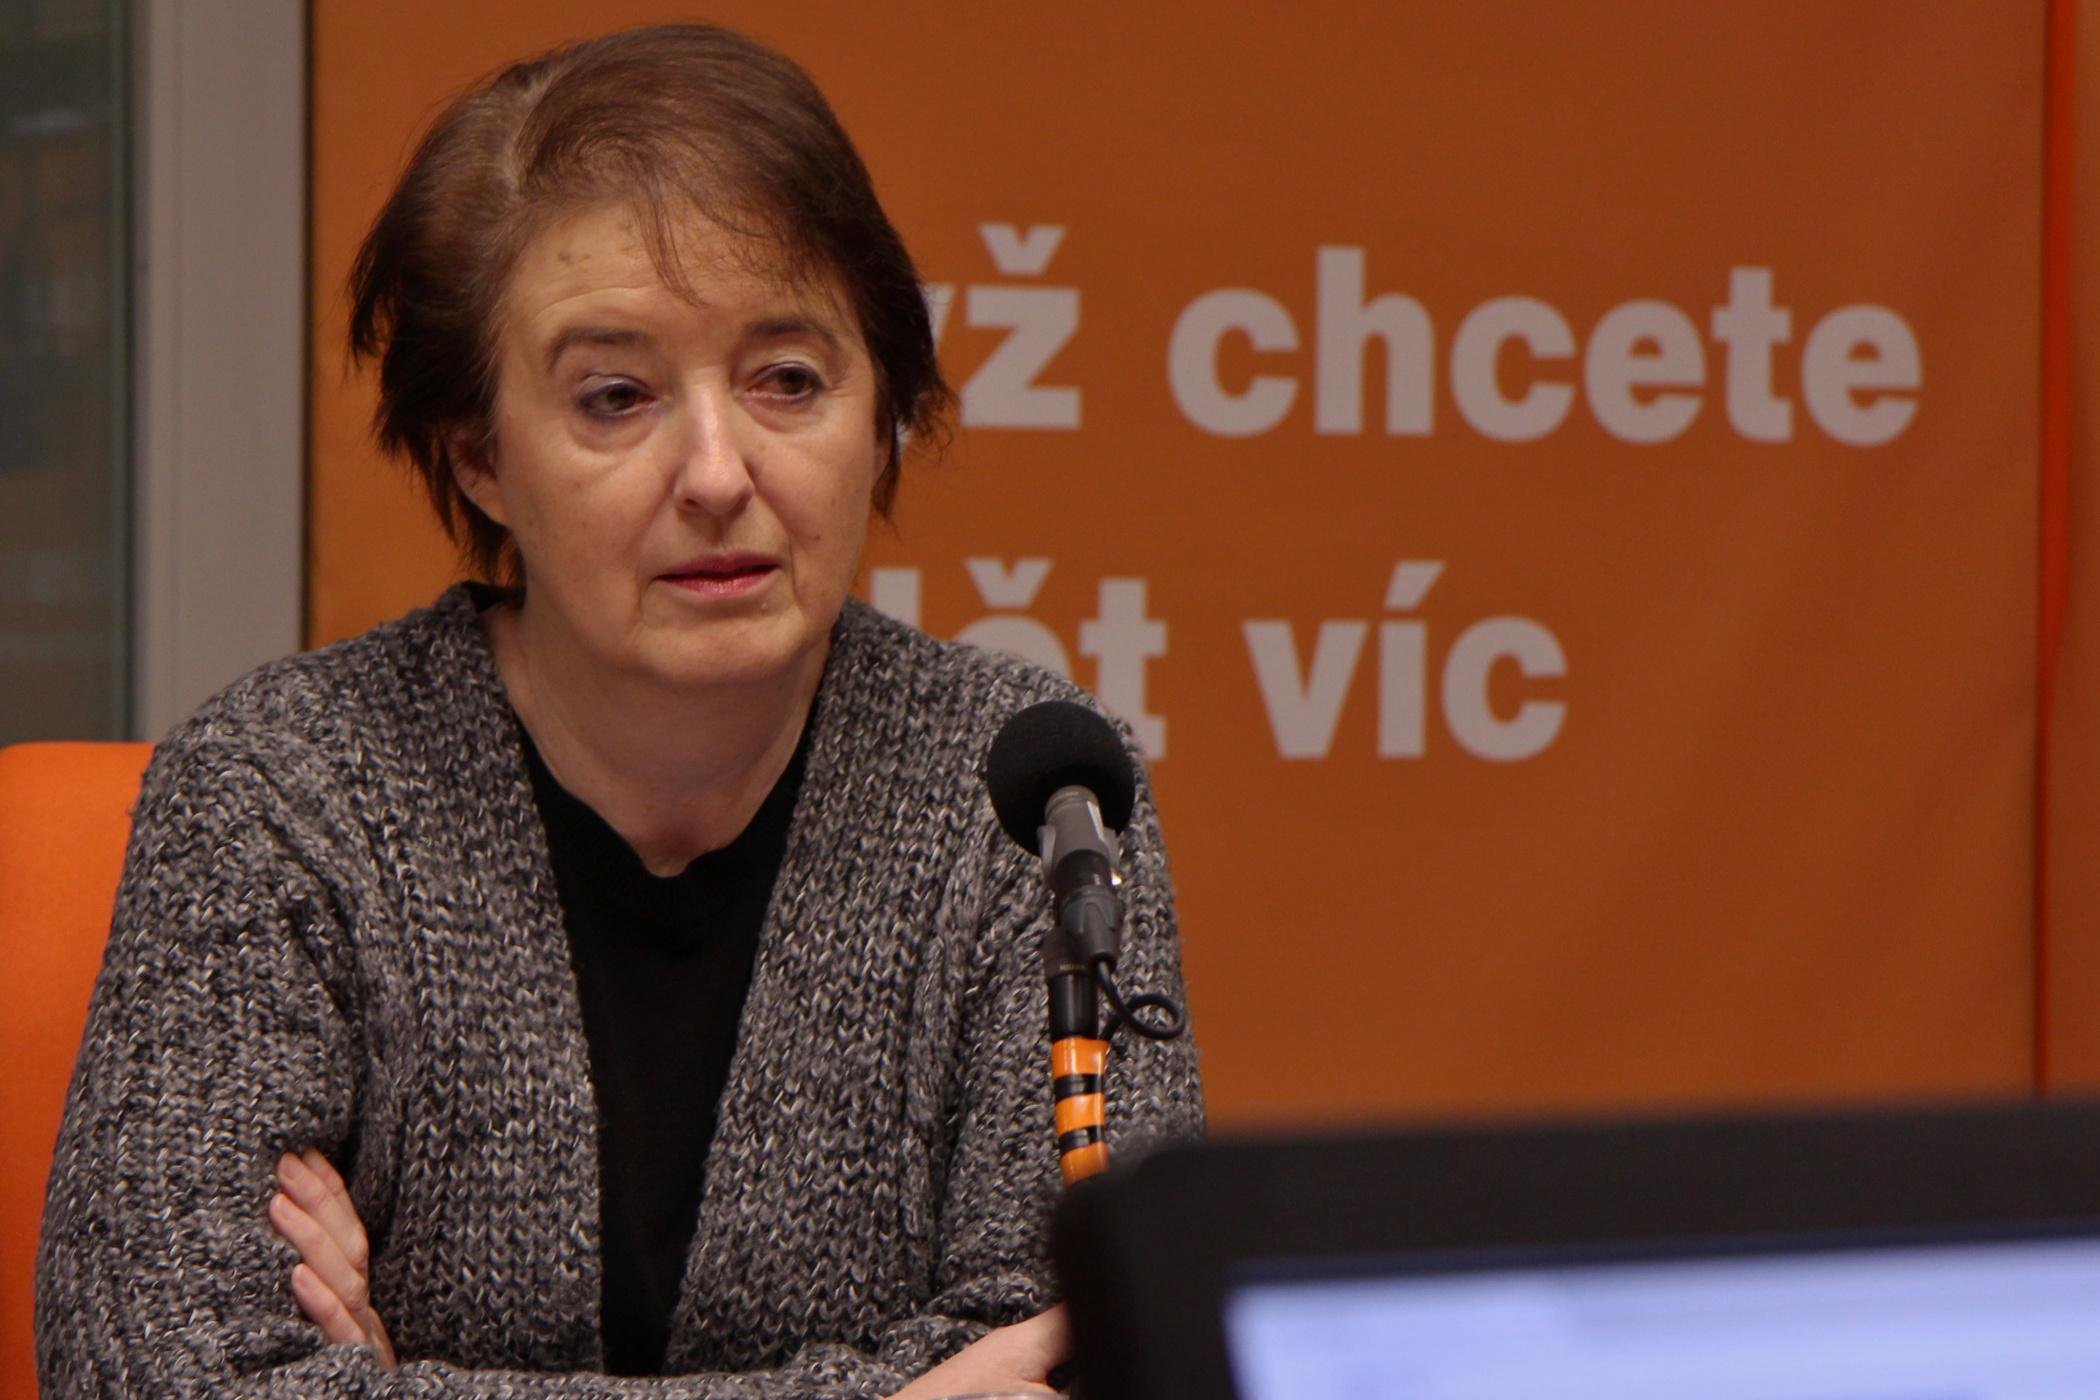 Kateřina Bečková